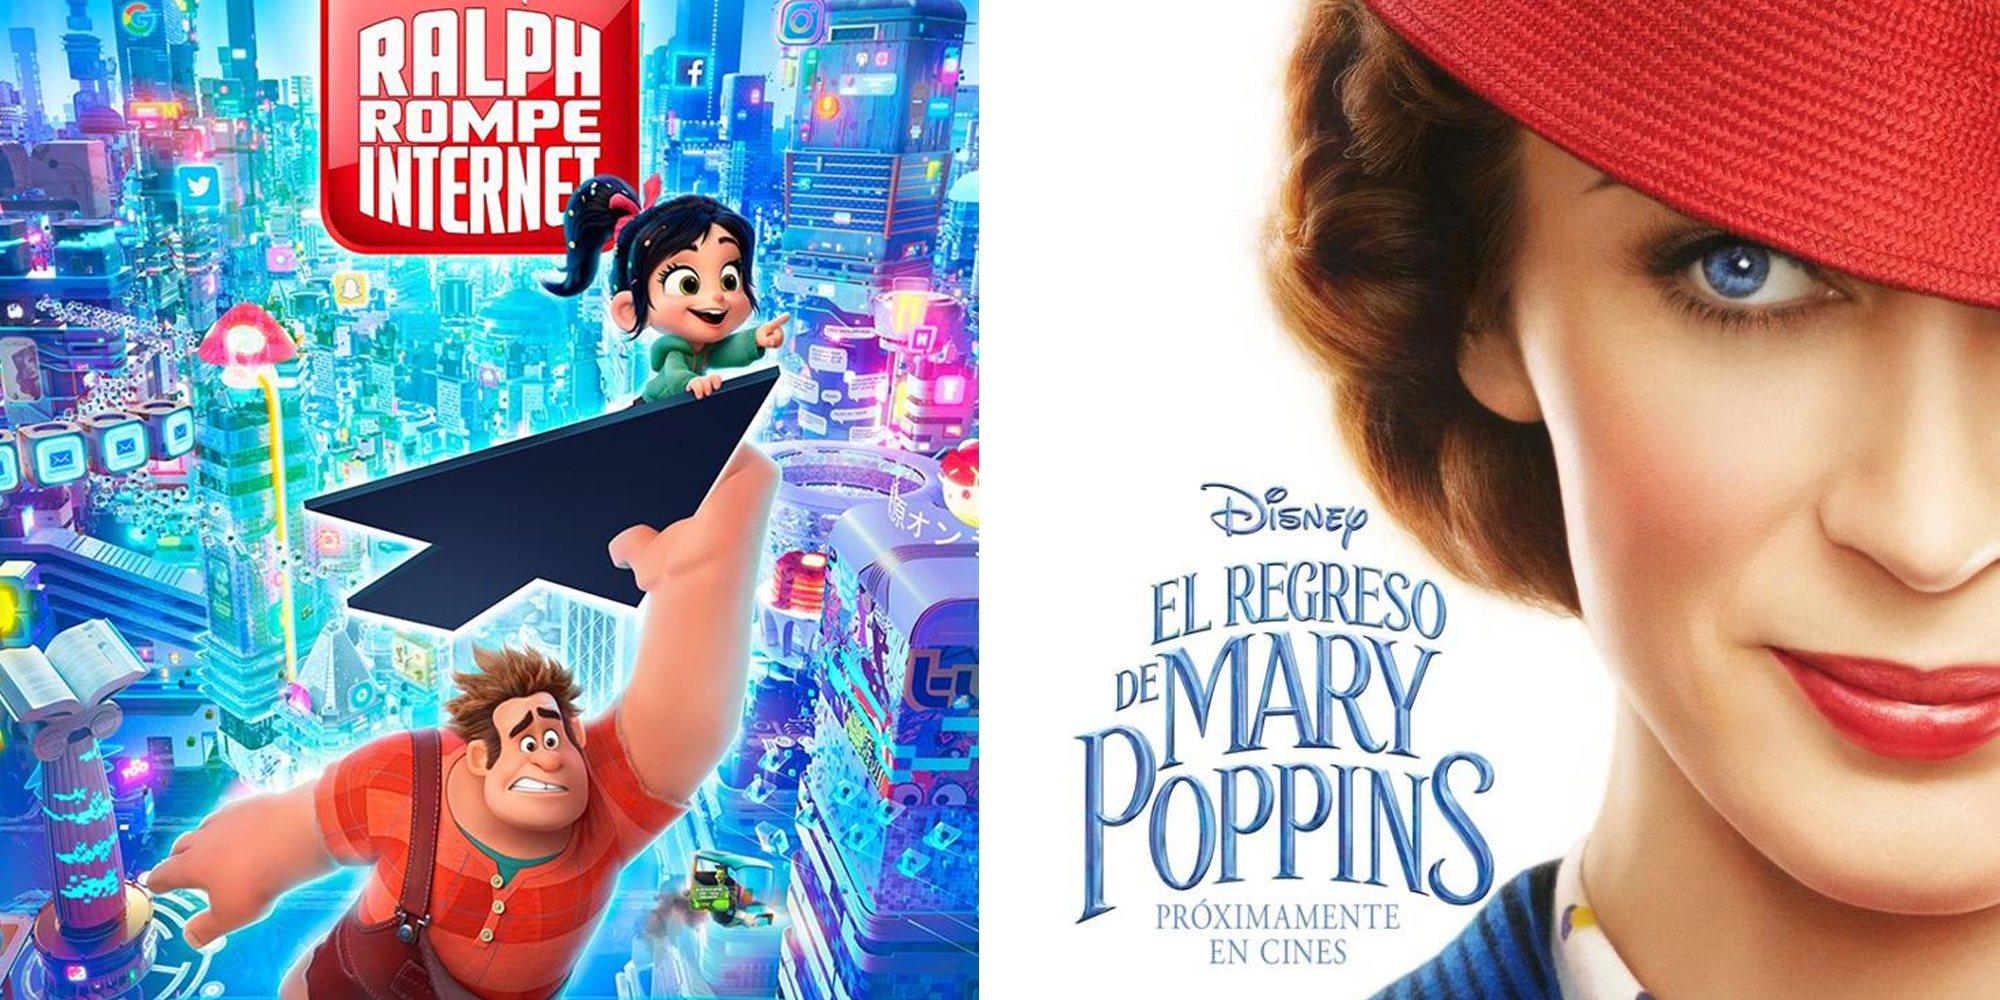 Las 5 películas más esperadas de diciembre de 2018